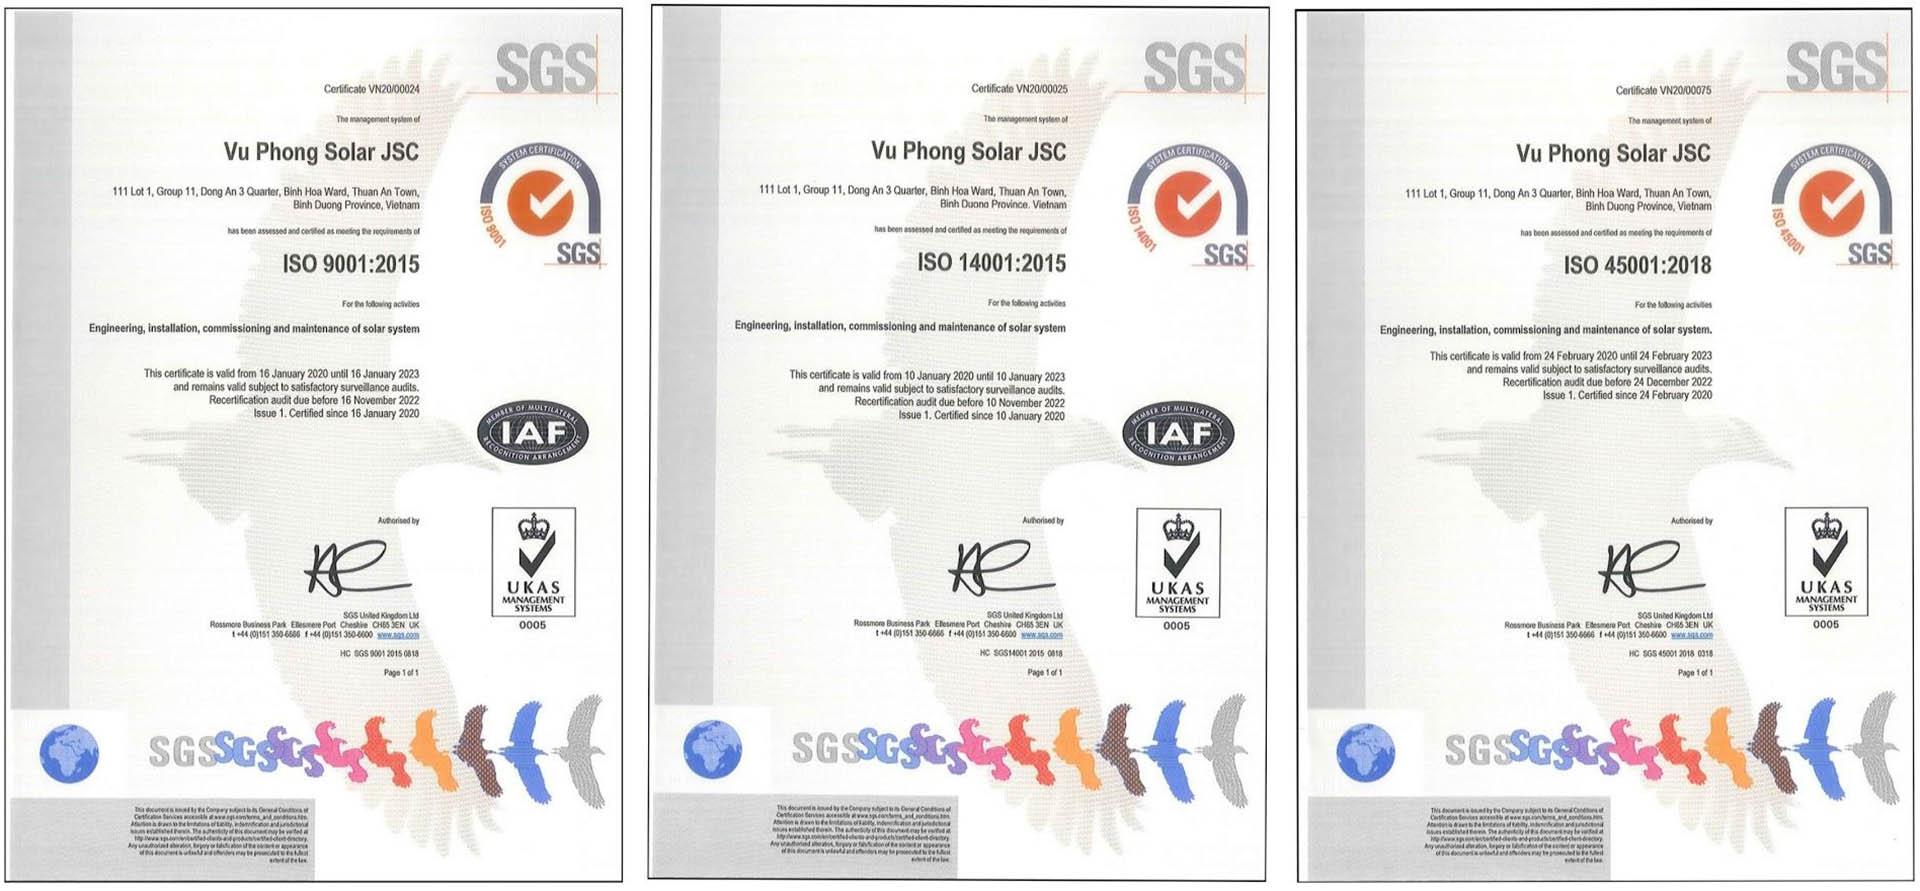 Ảnh: Các chứng nhận ISO của Vũ Phong Solar.